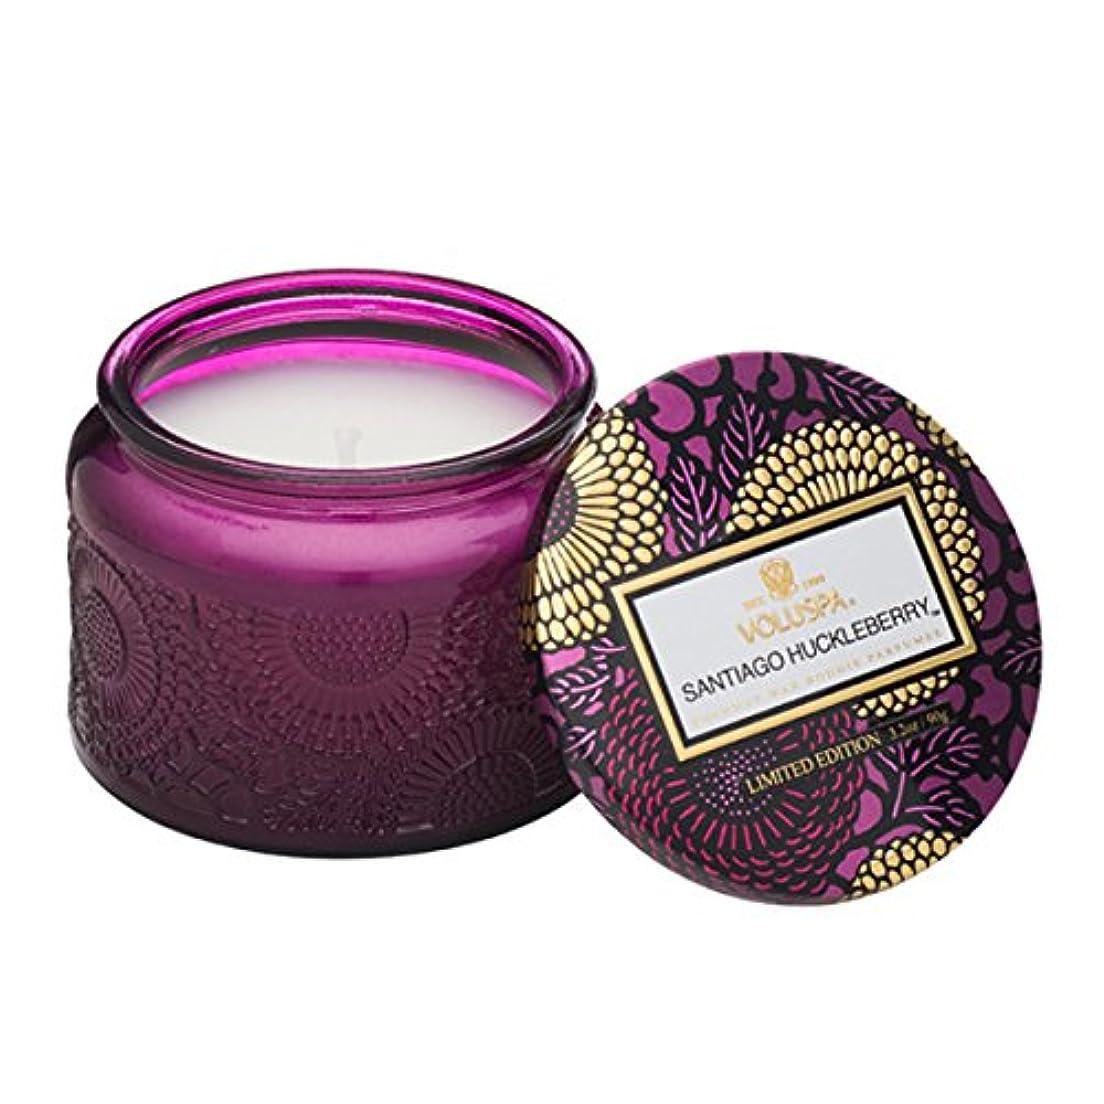 期限代理店入植者Voluspa ボルスパ ジャポニカ リミテッド グラスジャーキャンドル  S サンティアゴ ハックルベリー SANTIAGO HUCKLEBERRY JAPONICA Limited PETITE EMBOSSED Glass jar candle